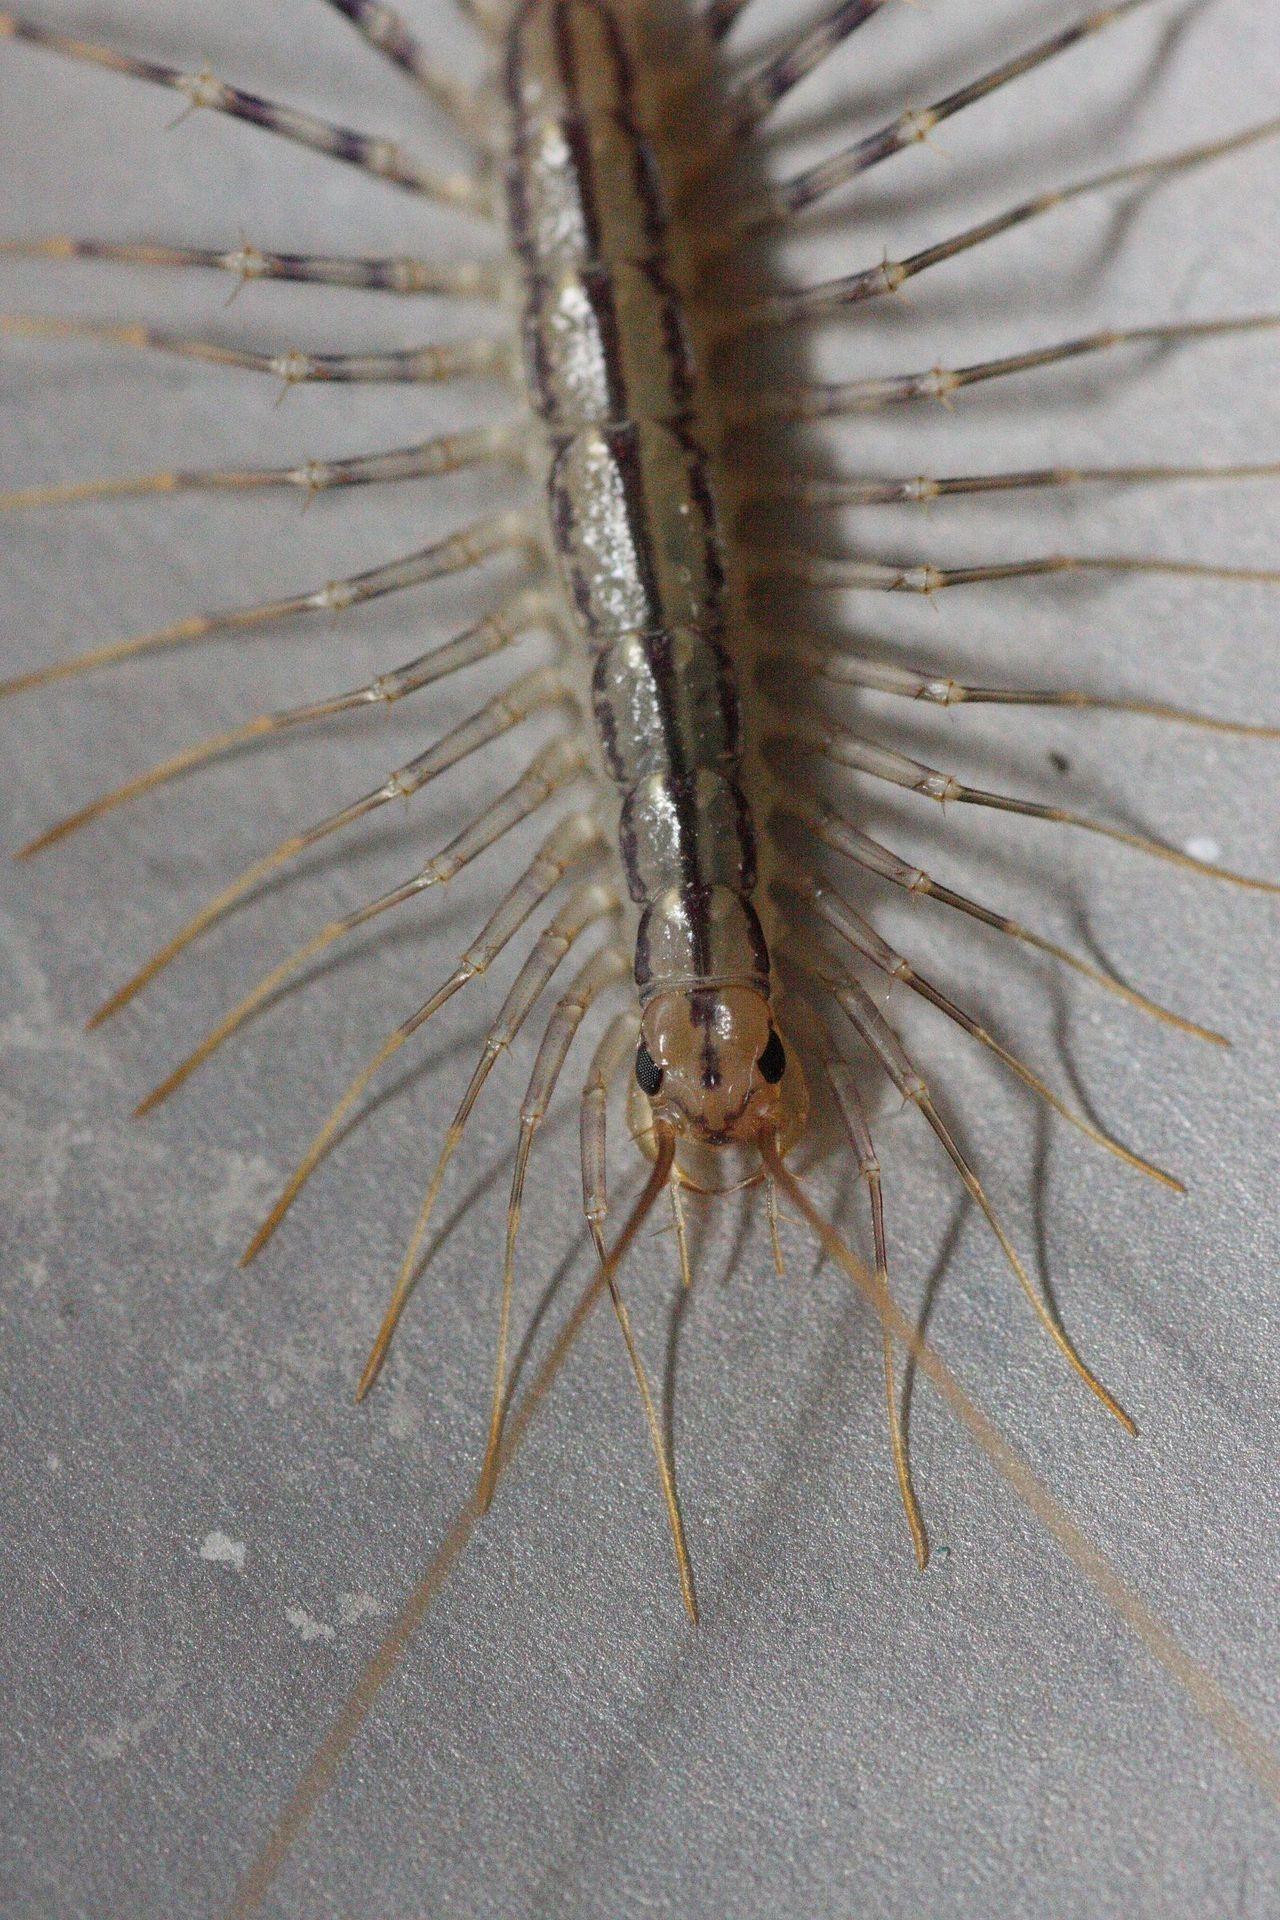 Насекомое мухоловка: чем опасна для людей, как избавиться в квартире